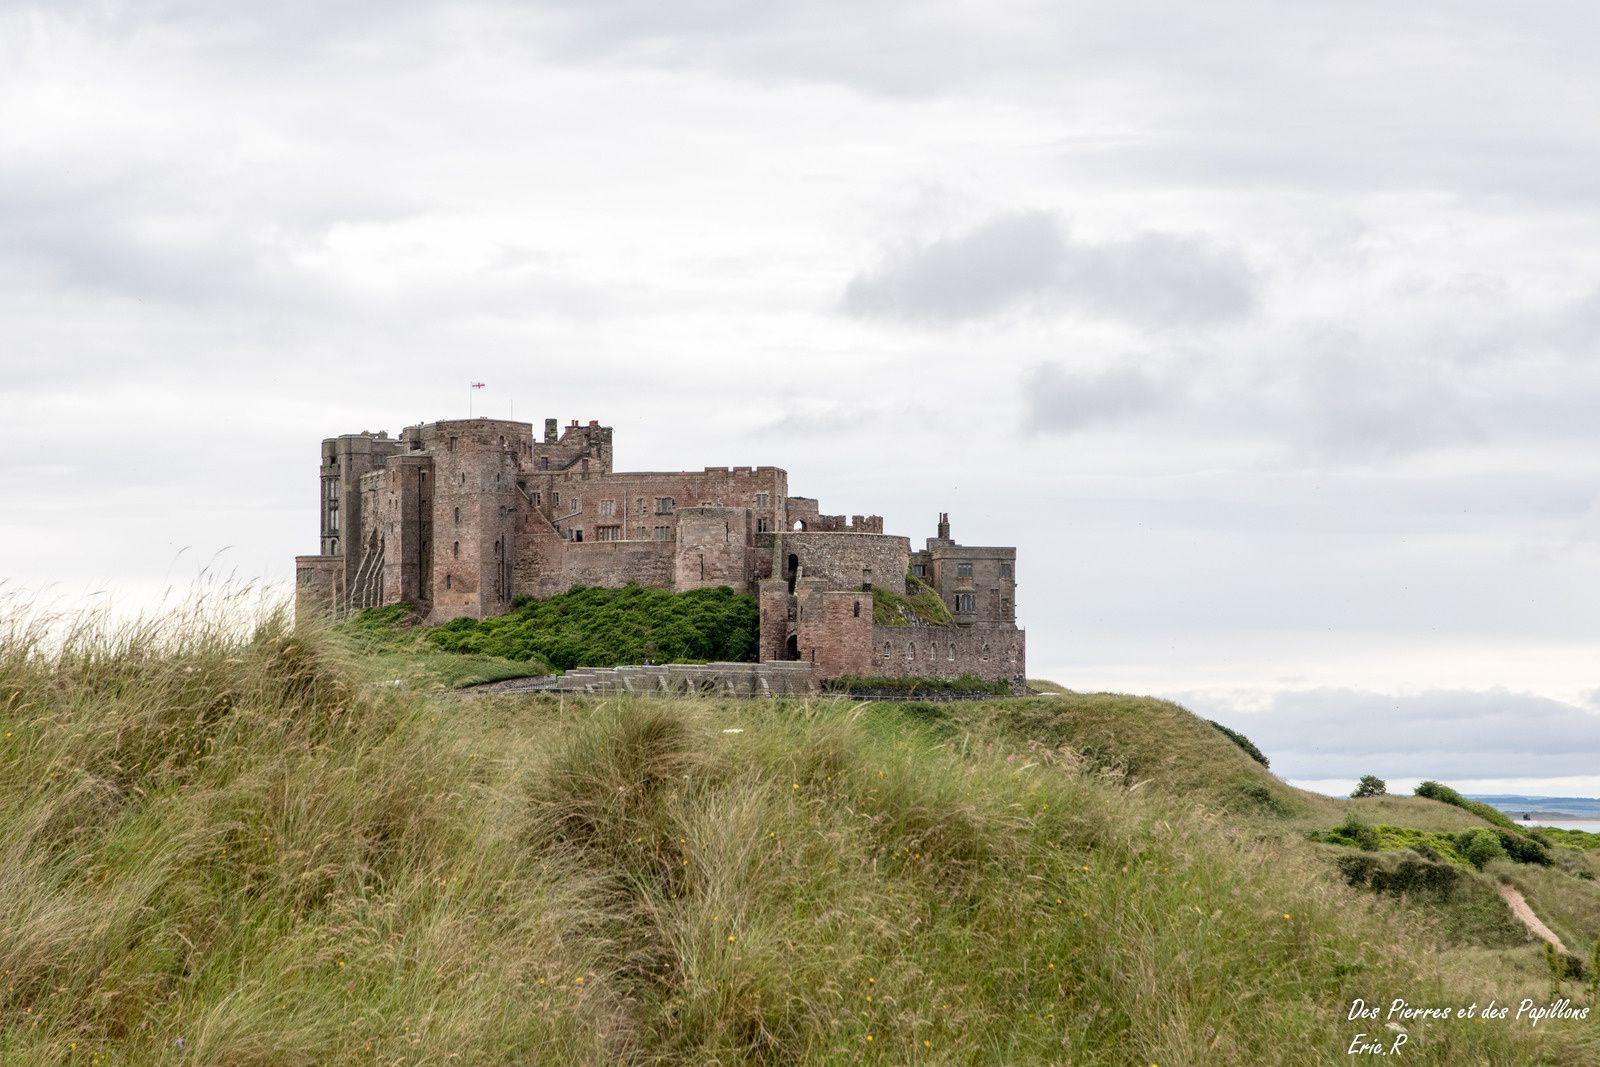 Vues du château de Bamburgh.